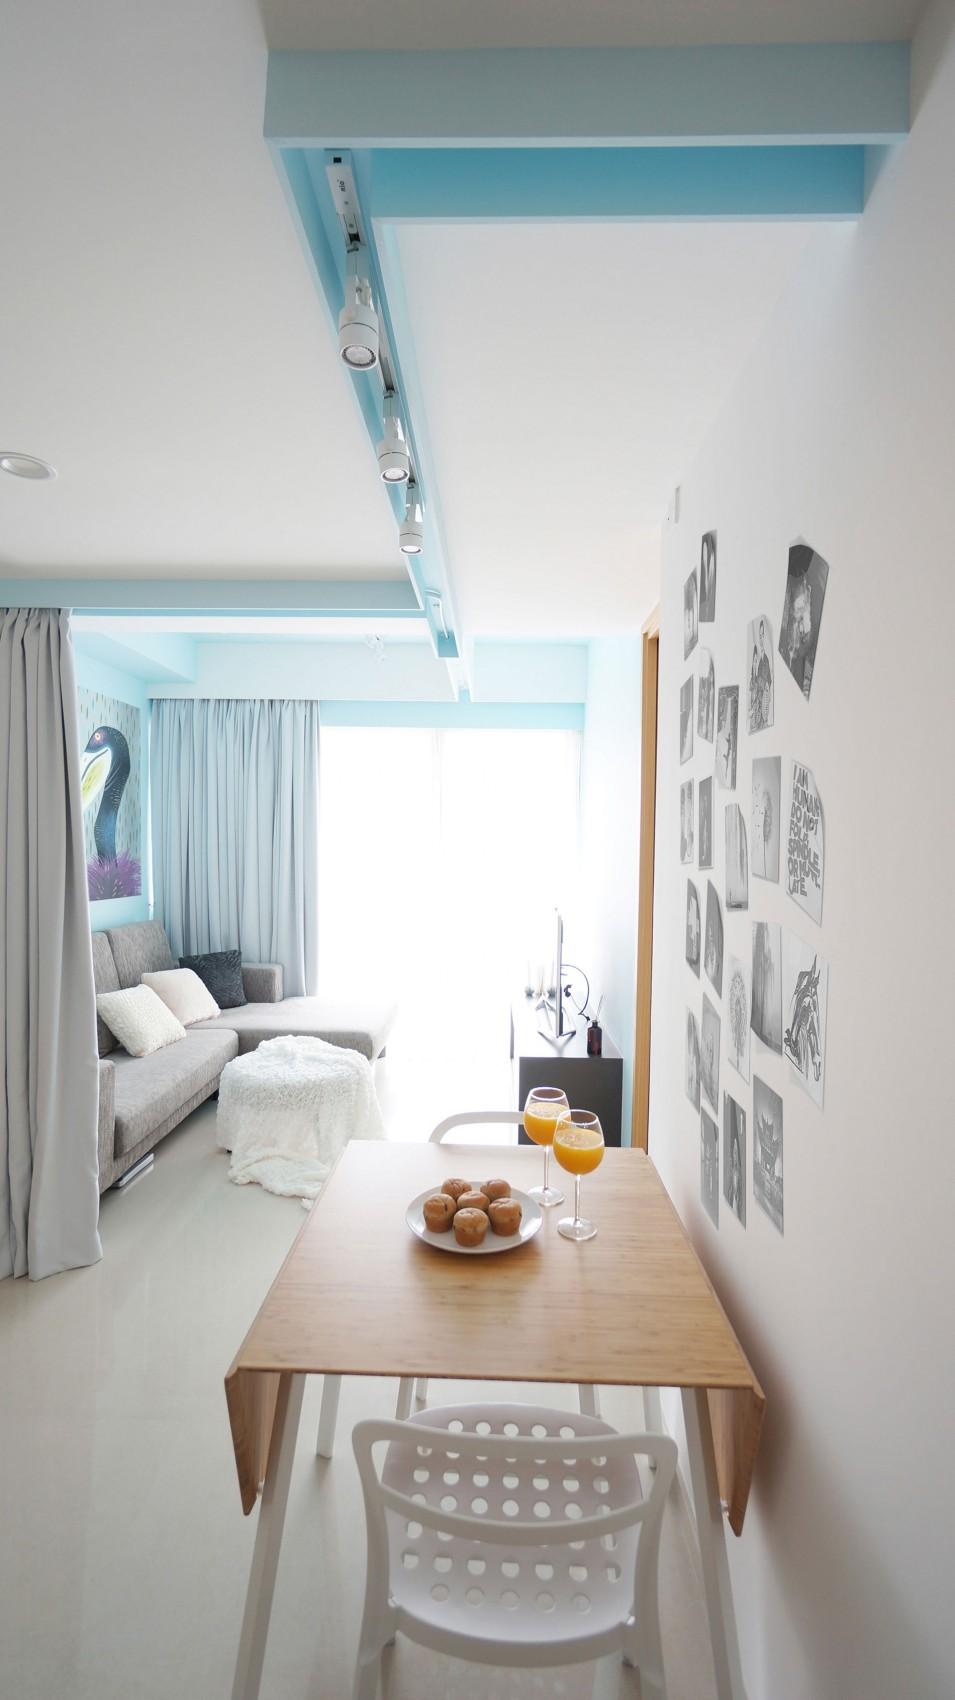 简约清新舒适公寓餐厅简易餐桌布置图